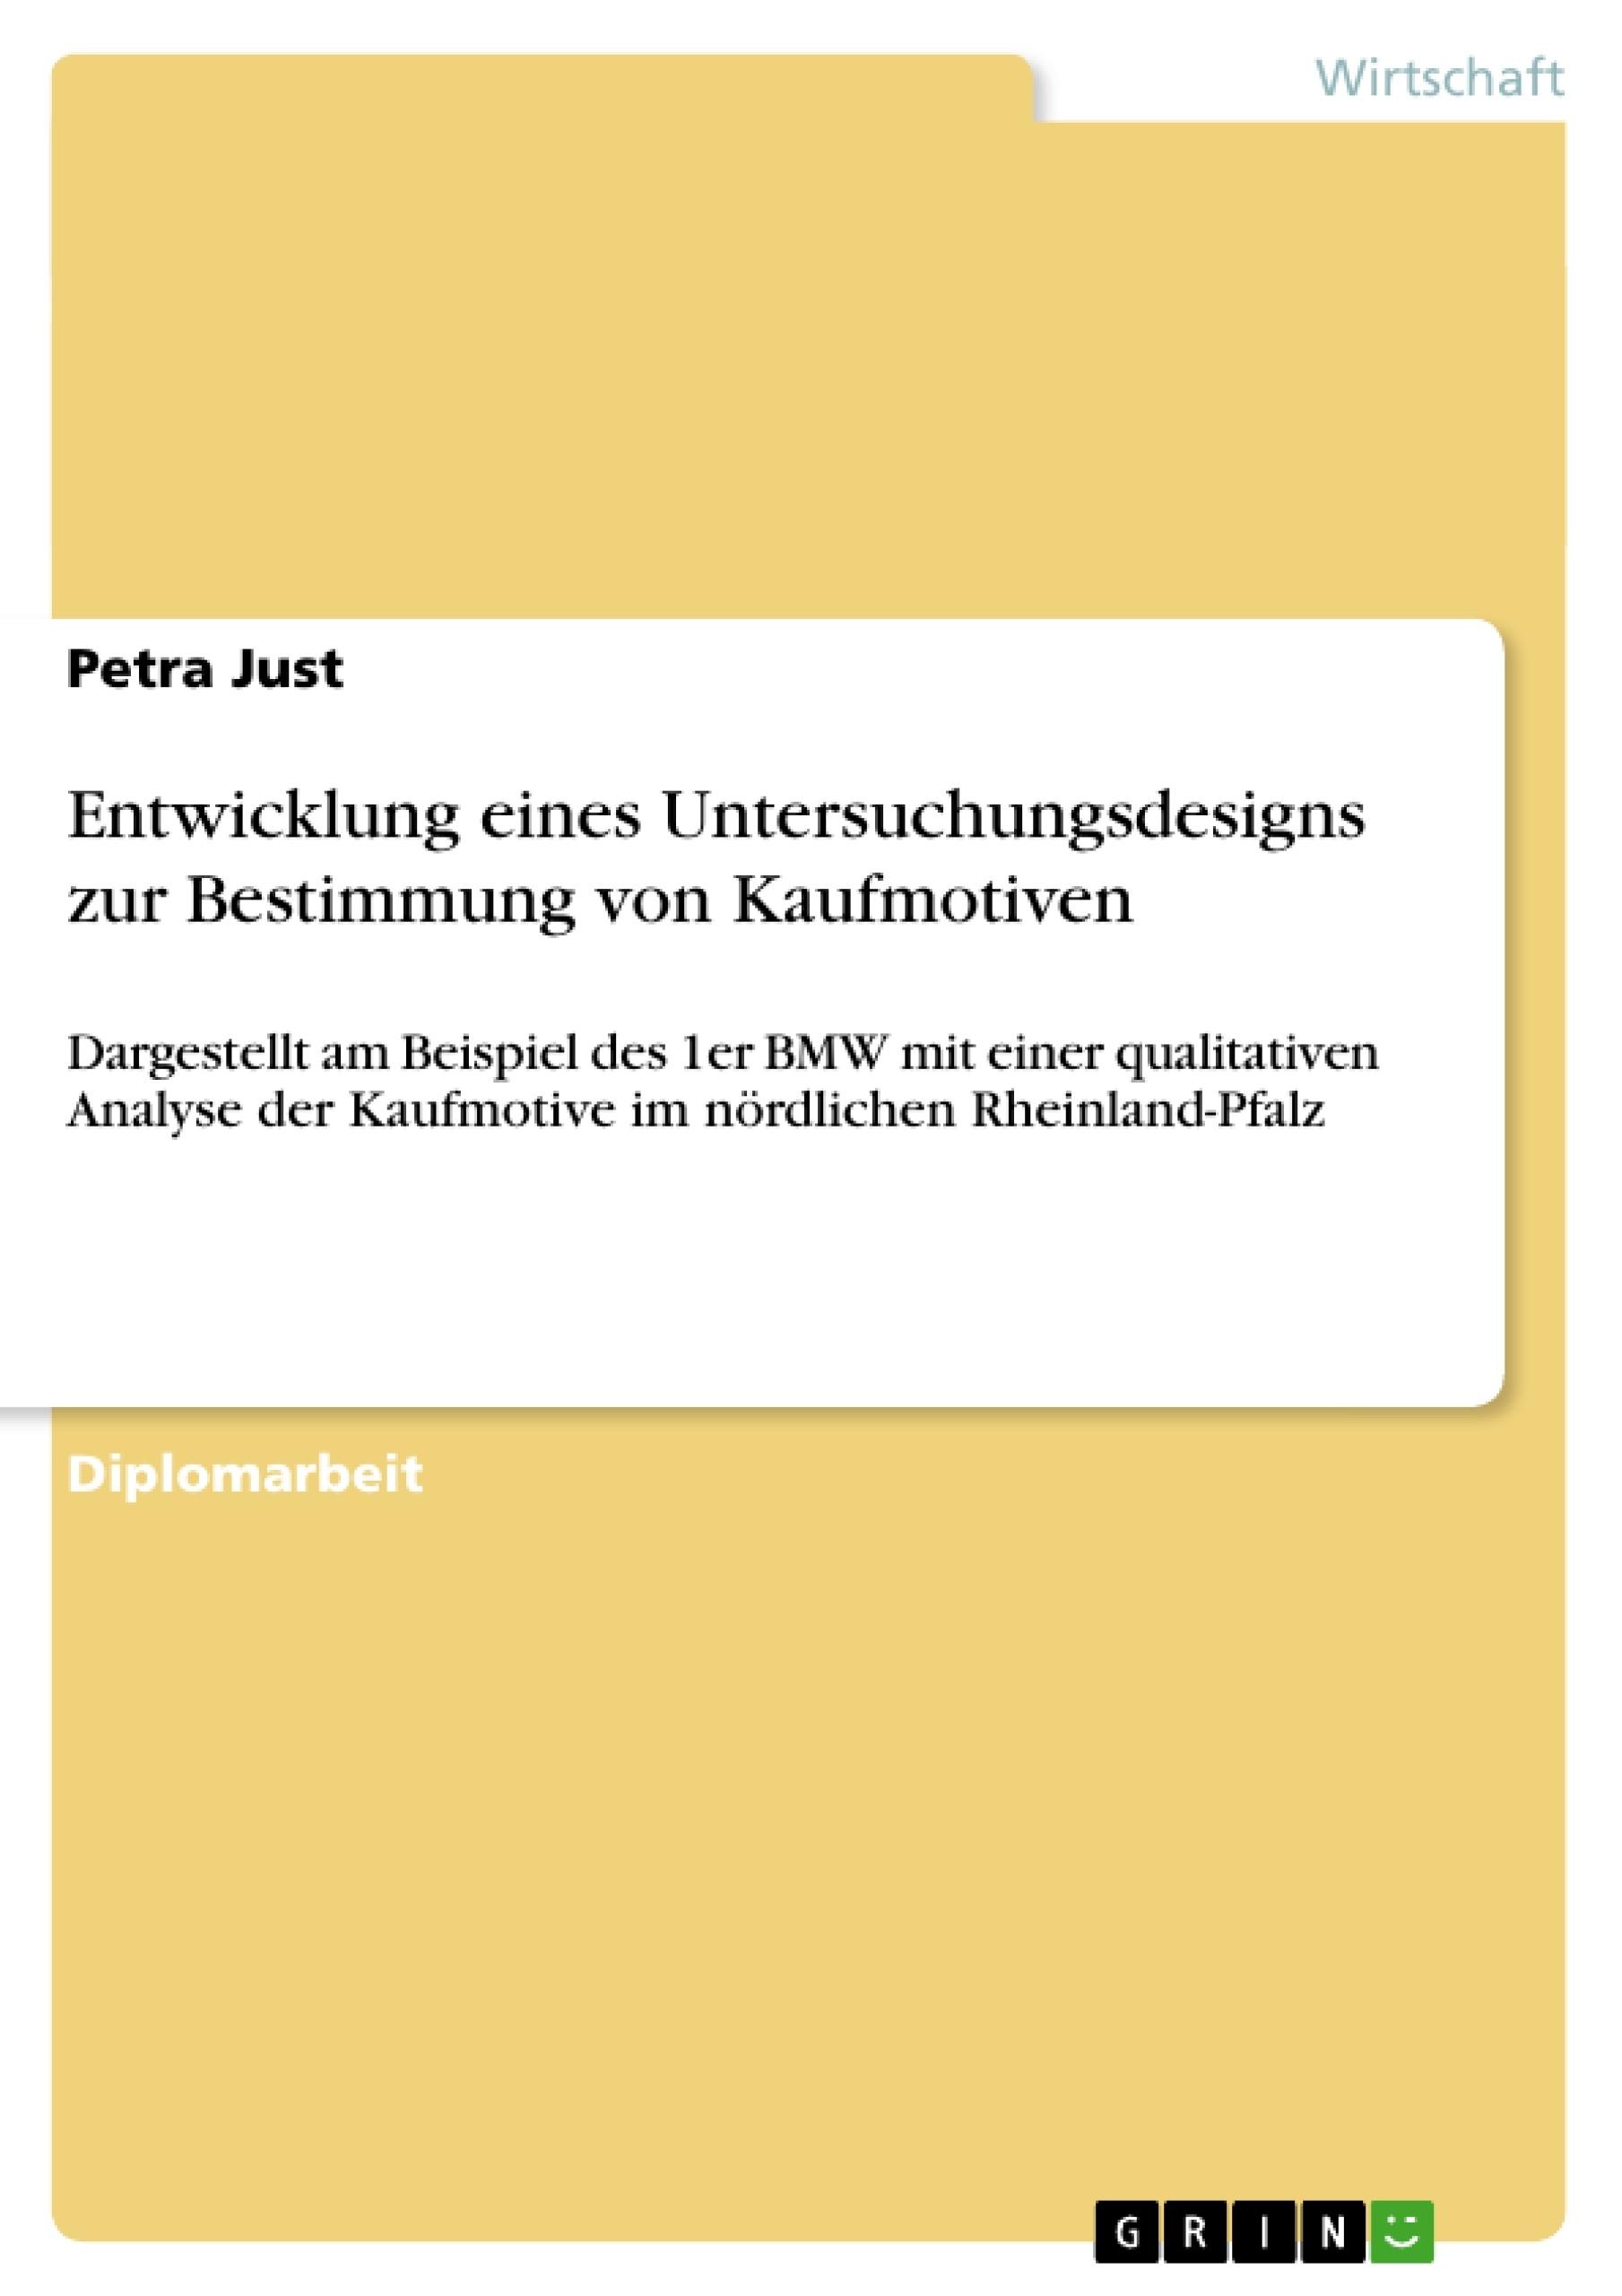 Titel: Entwicklung eines Untersuchungsdesigns zur Bestimmung von Kaufmotiven